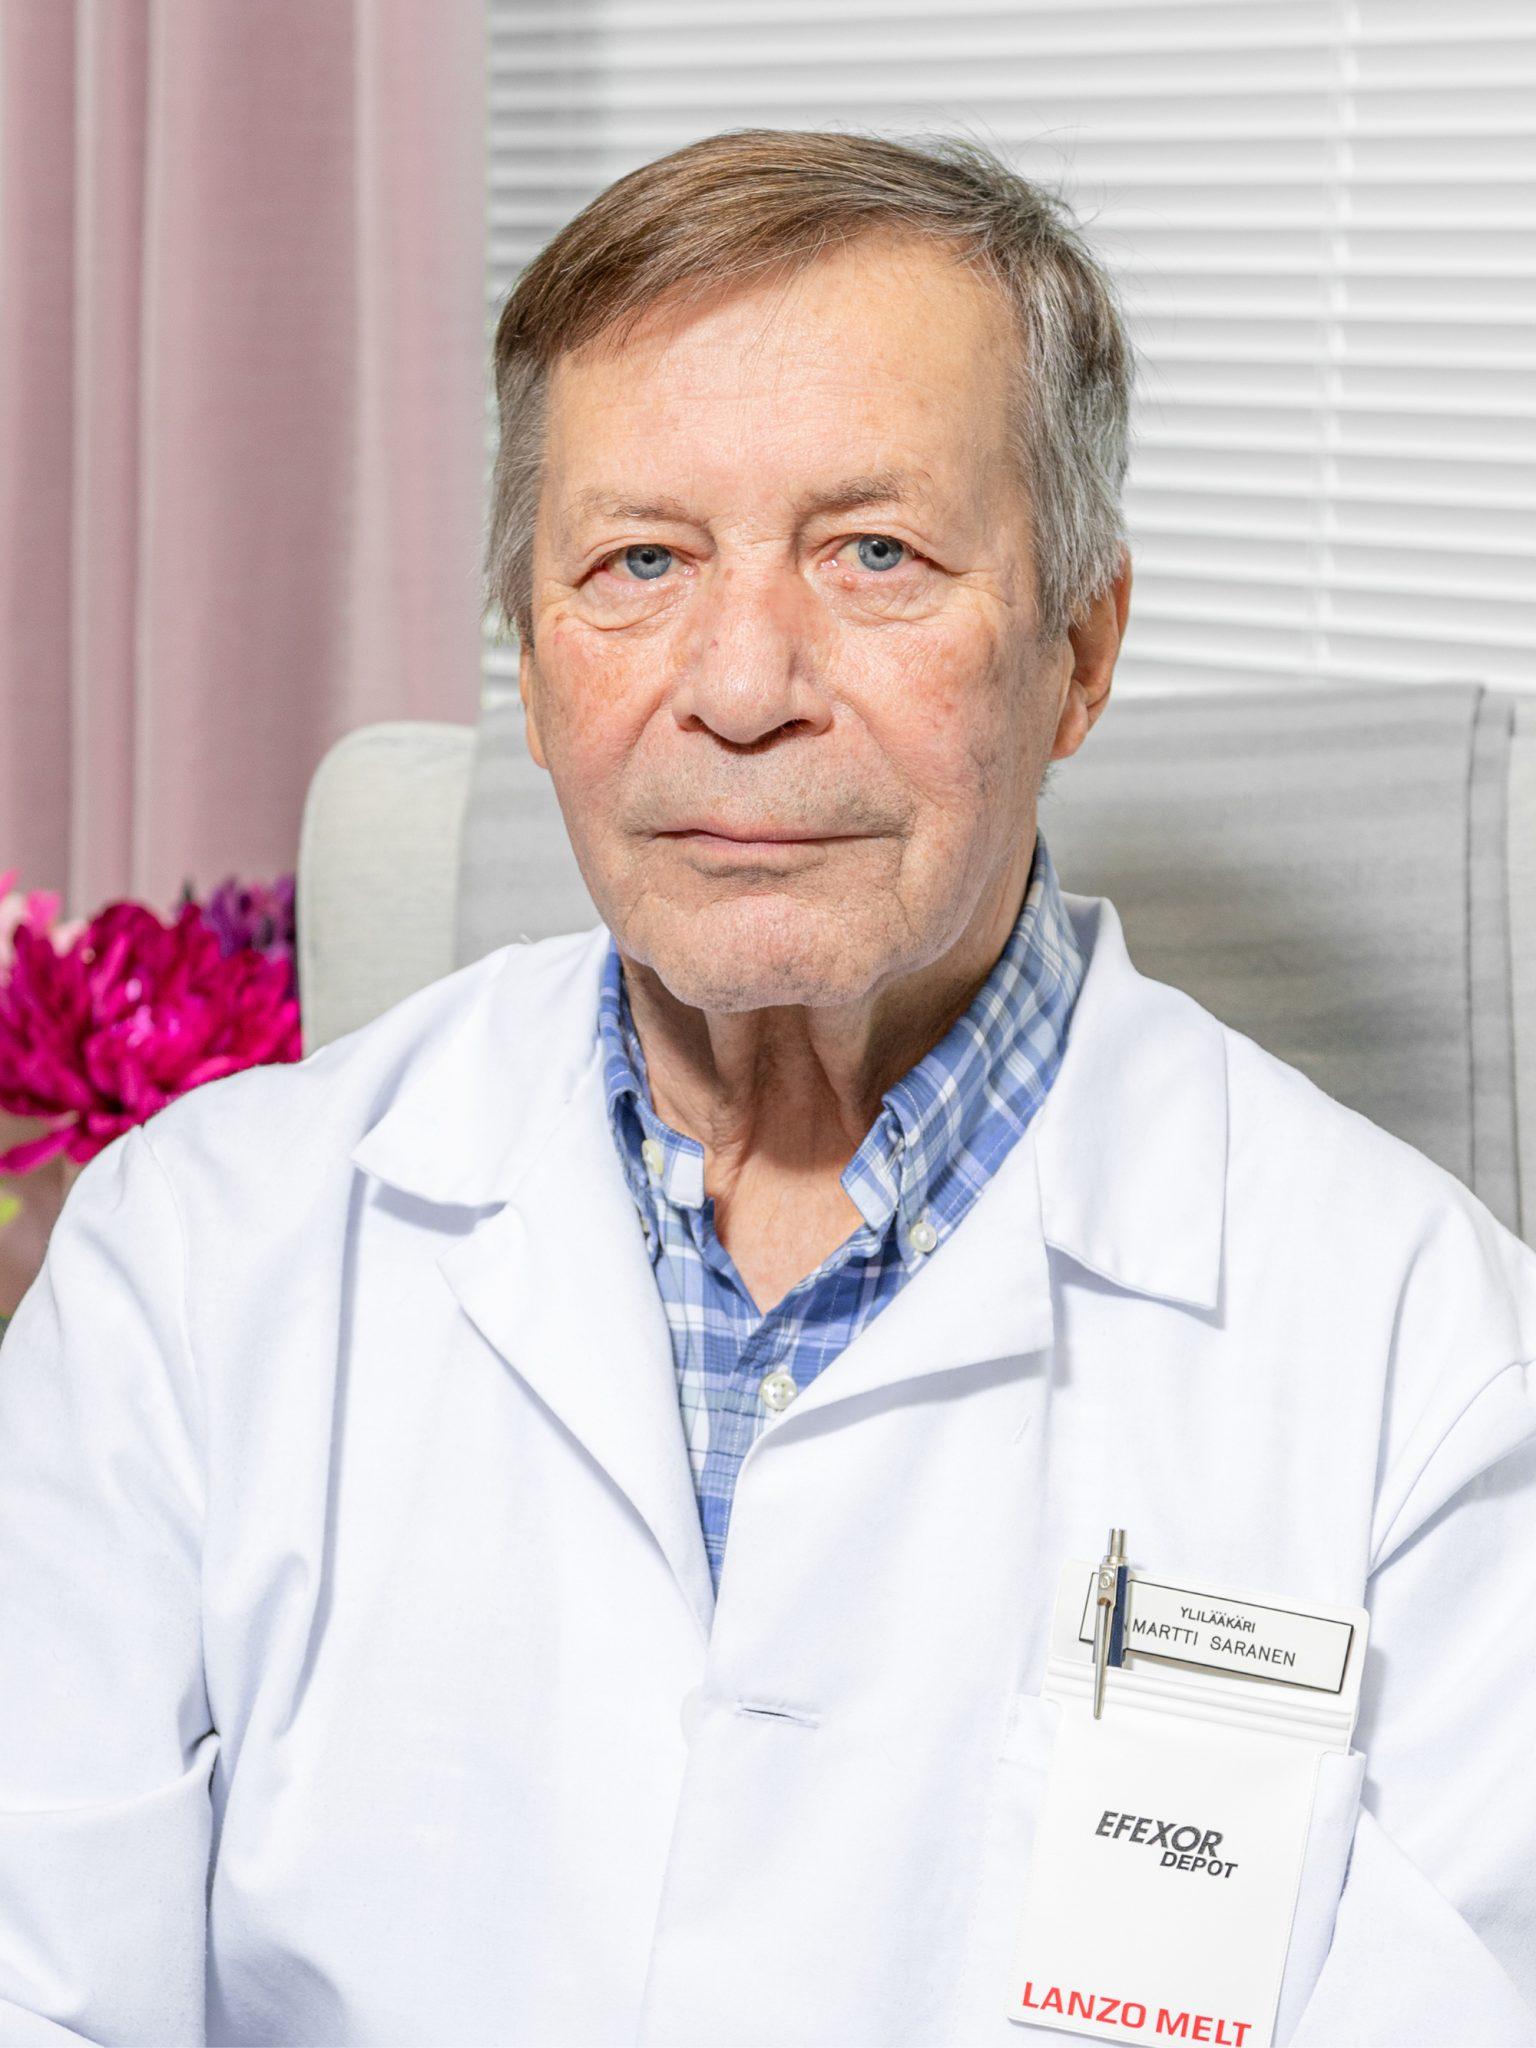 Martti Saranen